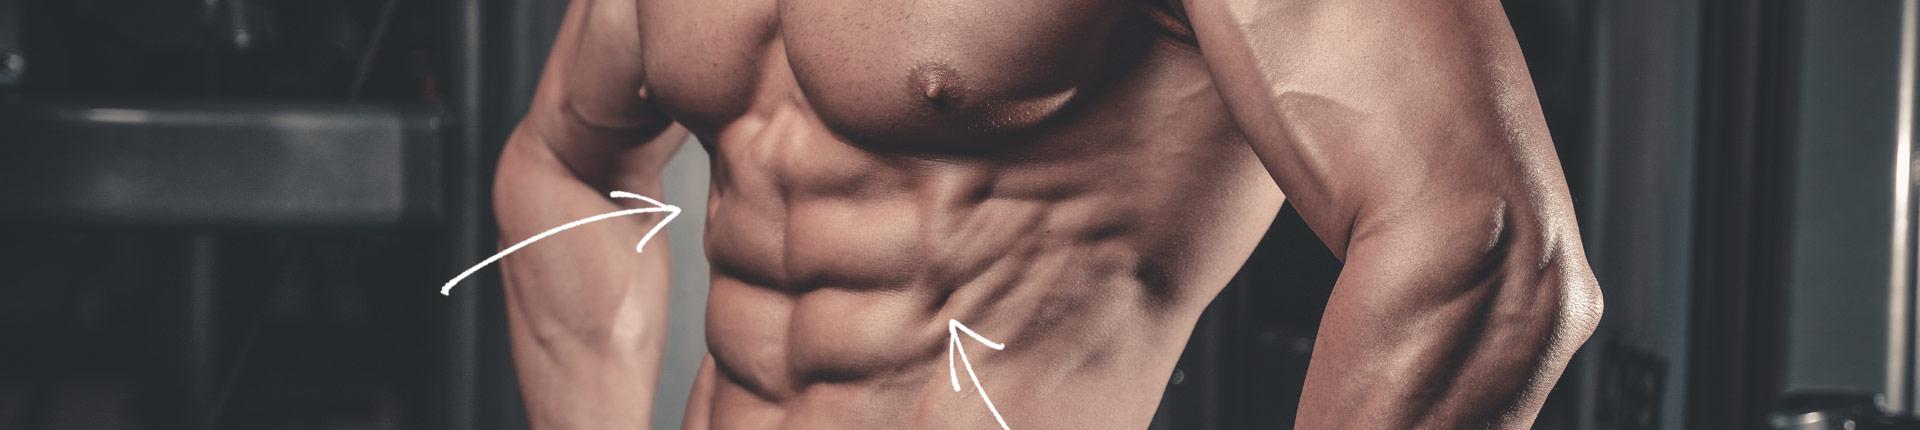 Czy możliwa jest miejscowa redukcja tkanki tłuszczowej?